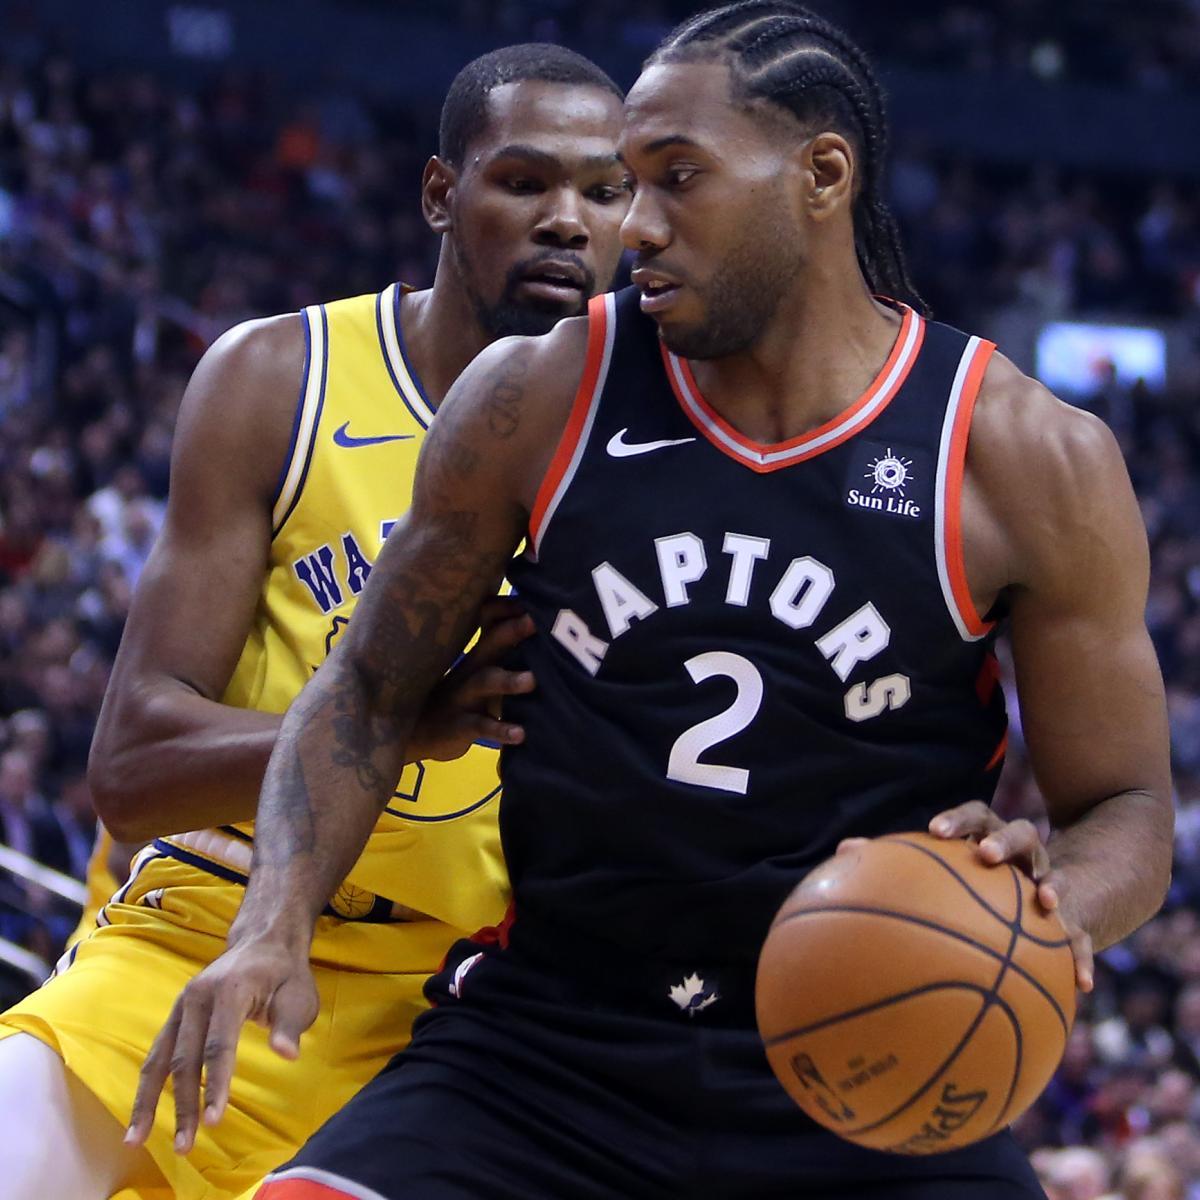 NBA Finals 2019: Warriors vs. Raptors TV Schedule and Game 1 Live Stream